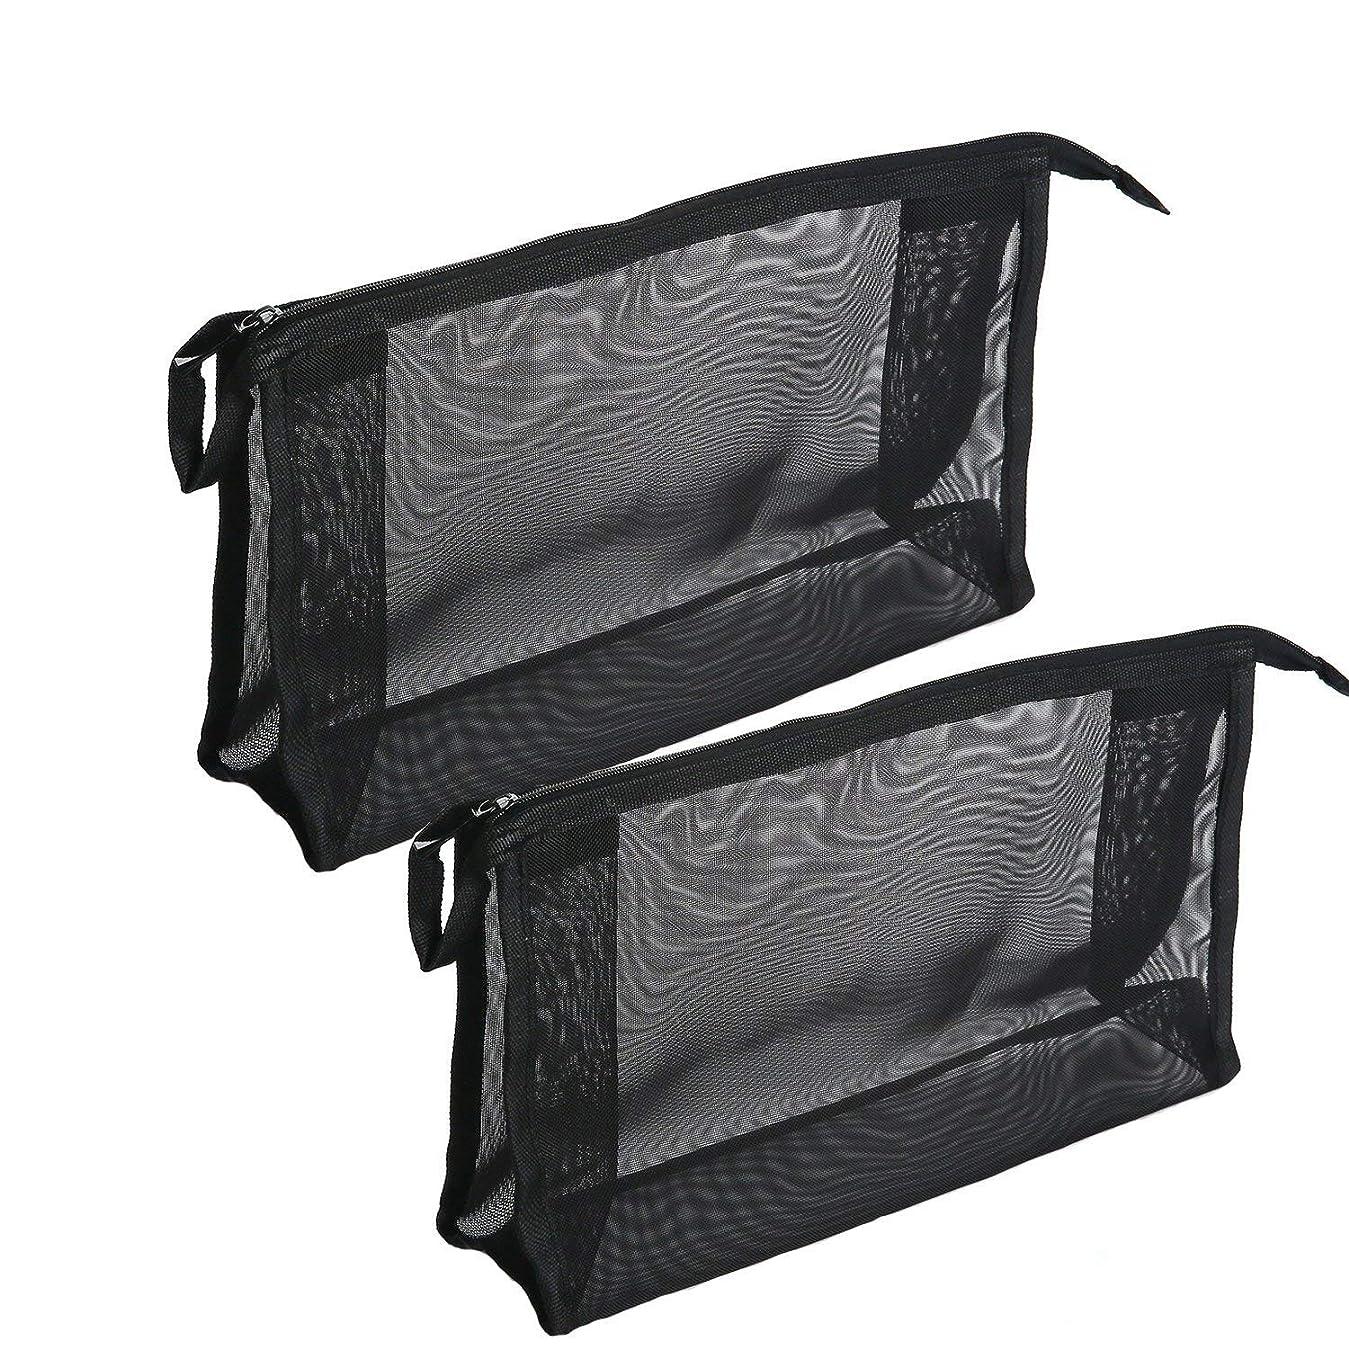 ジョイントブリリアント履歴書SODIAL 2個化粧品シースルー化粧バッグ/オーガナイザー、メッシュトラベルアクセサリーオーガナイザー(ブラック)